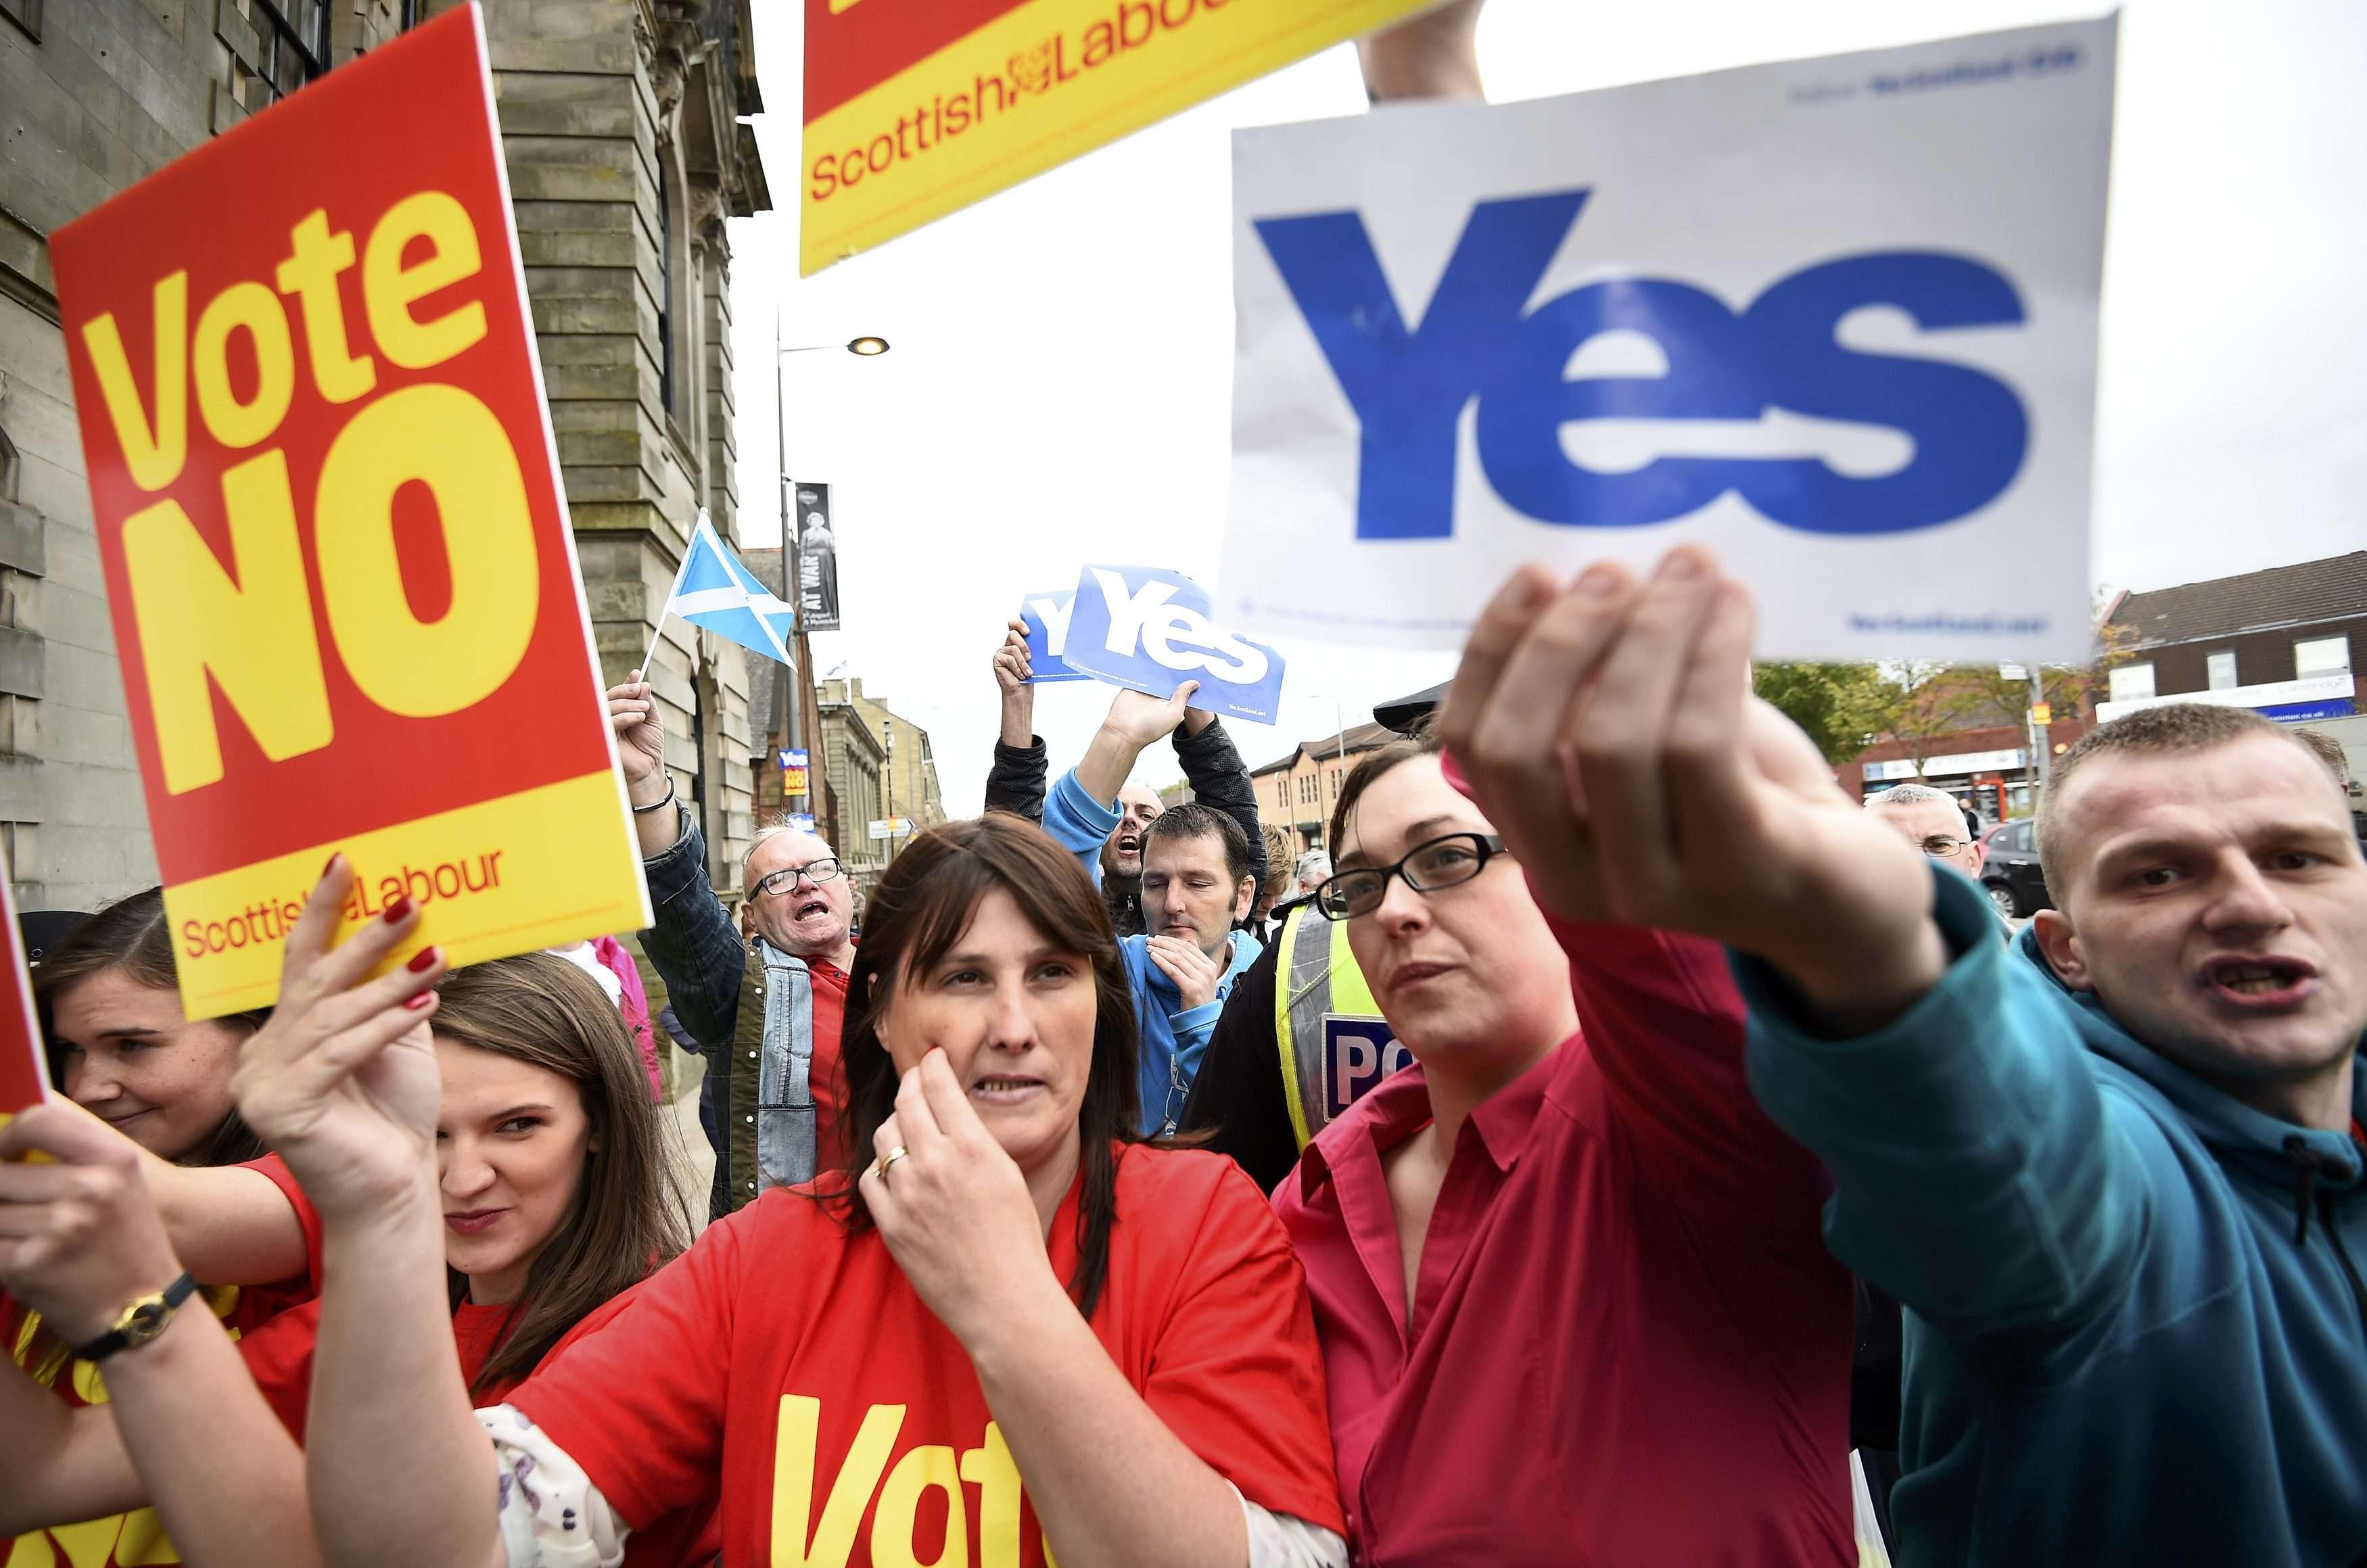 Campanhas contra (NO) e a favor (YES) da independência na Escócia dividem a população Foto: Dylan Martinez /Reuters